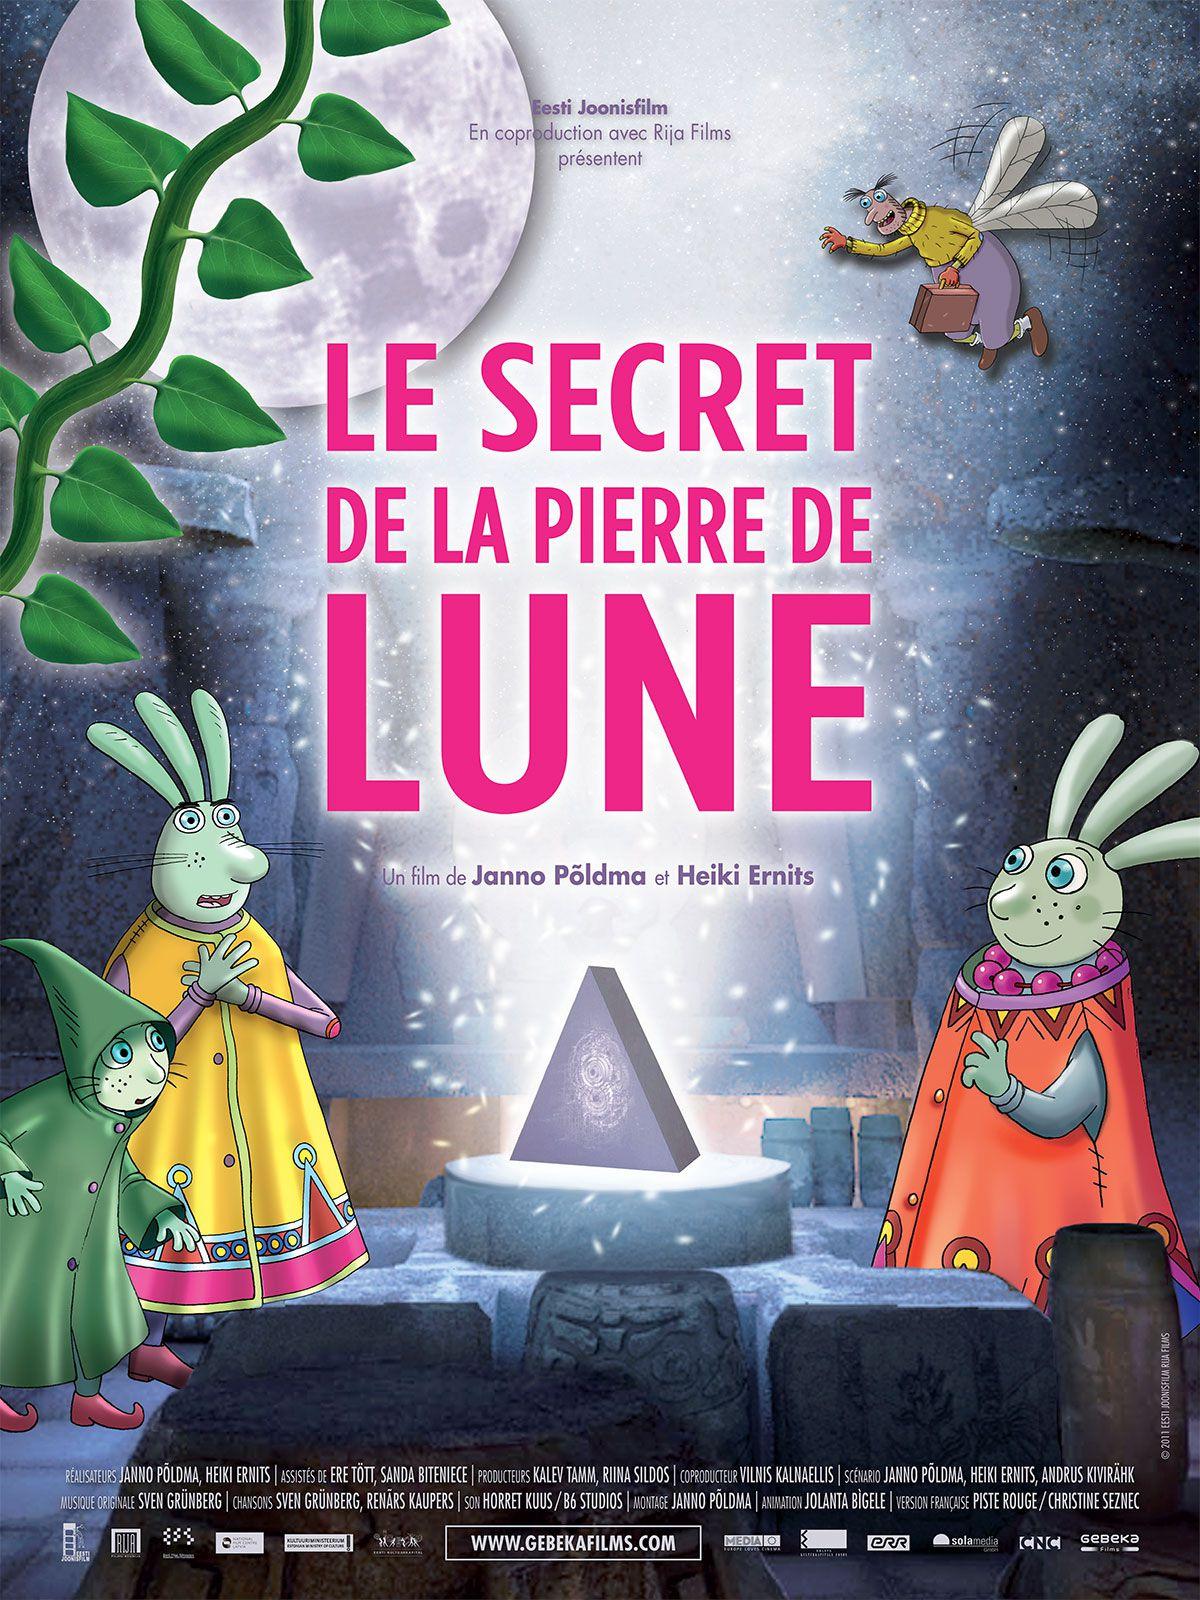 Le Secret de la pierre de lune - Film (2011)